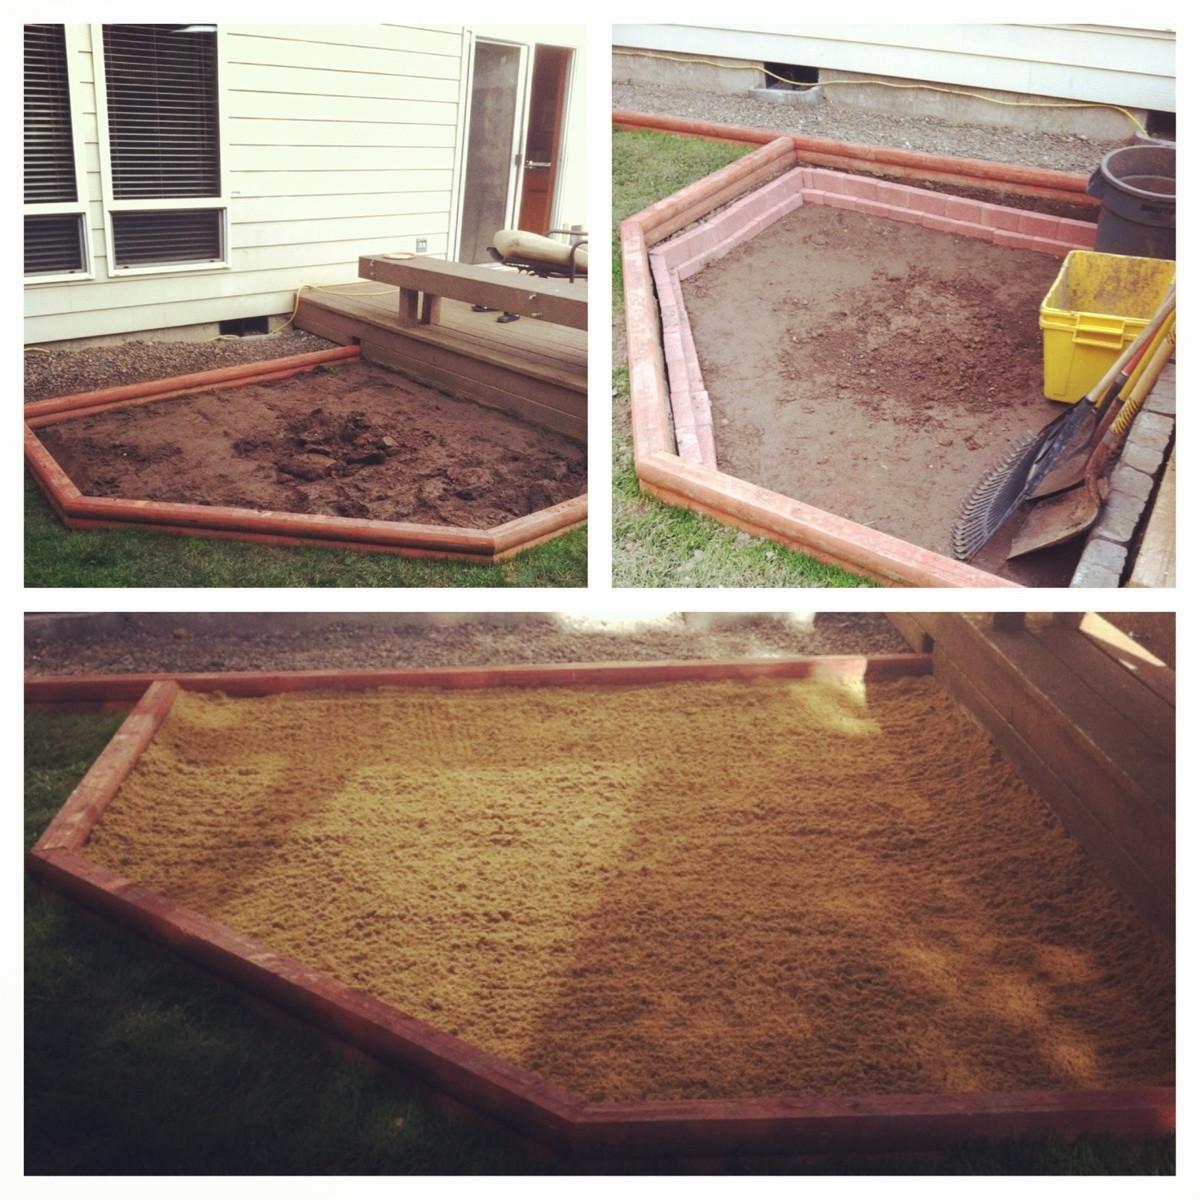 Backyard Sand Trap :   Homemade sandtrap in backyard  Golf Talk  The Sand Trap com